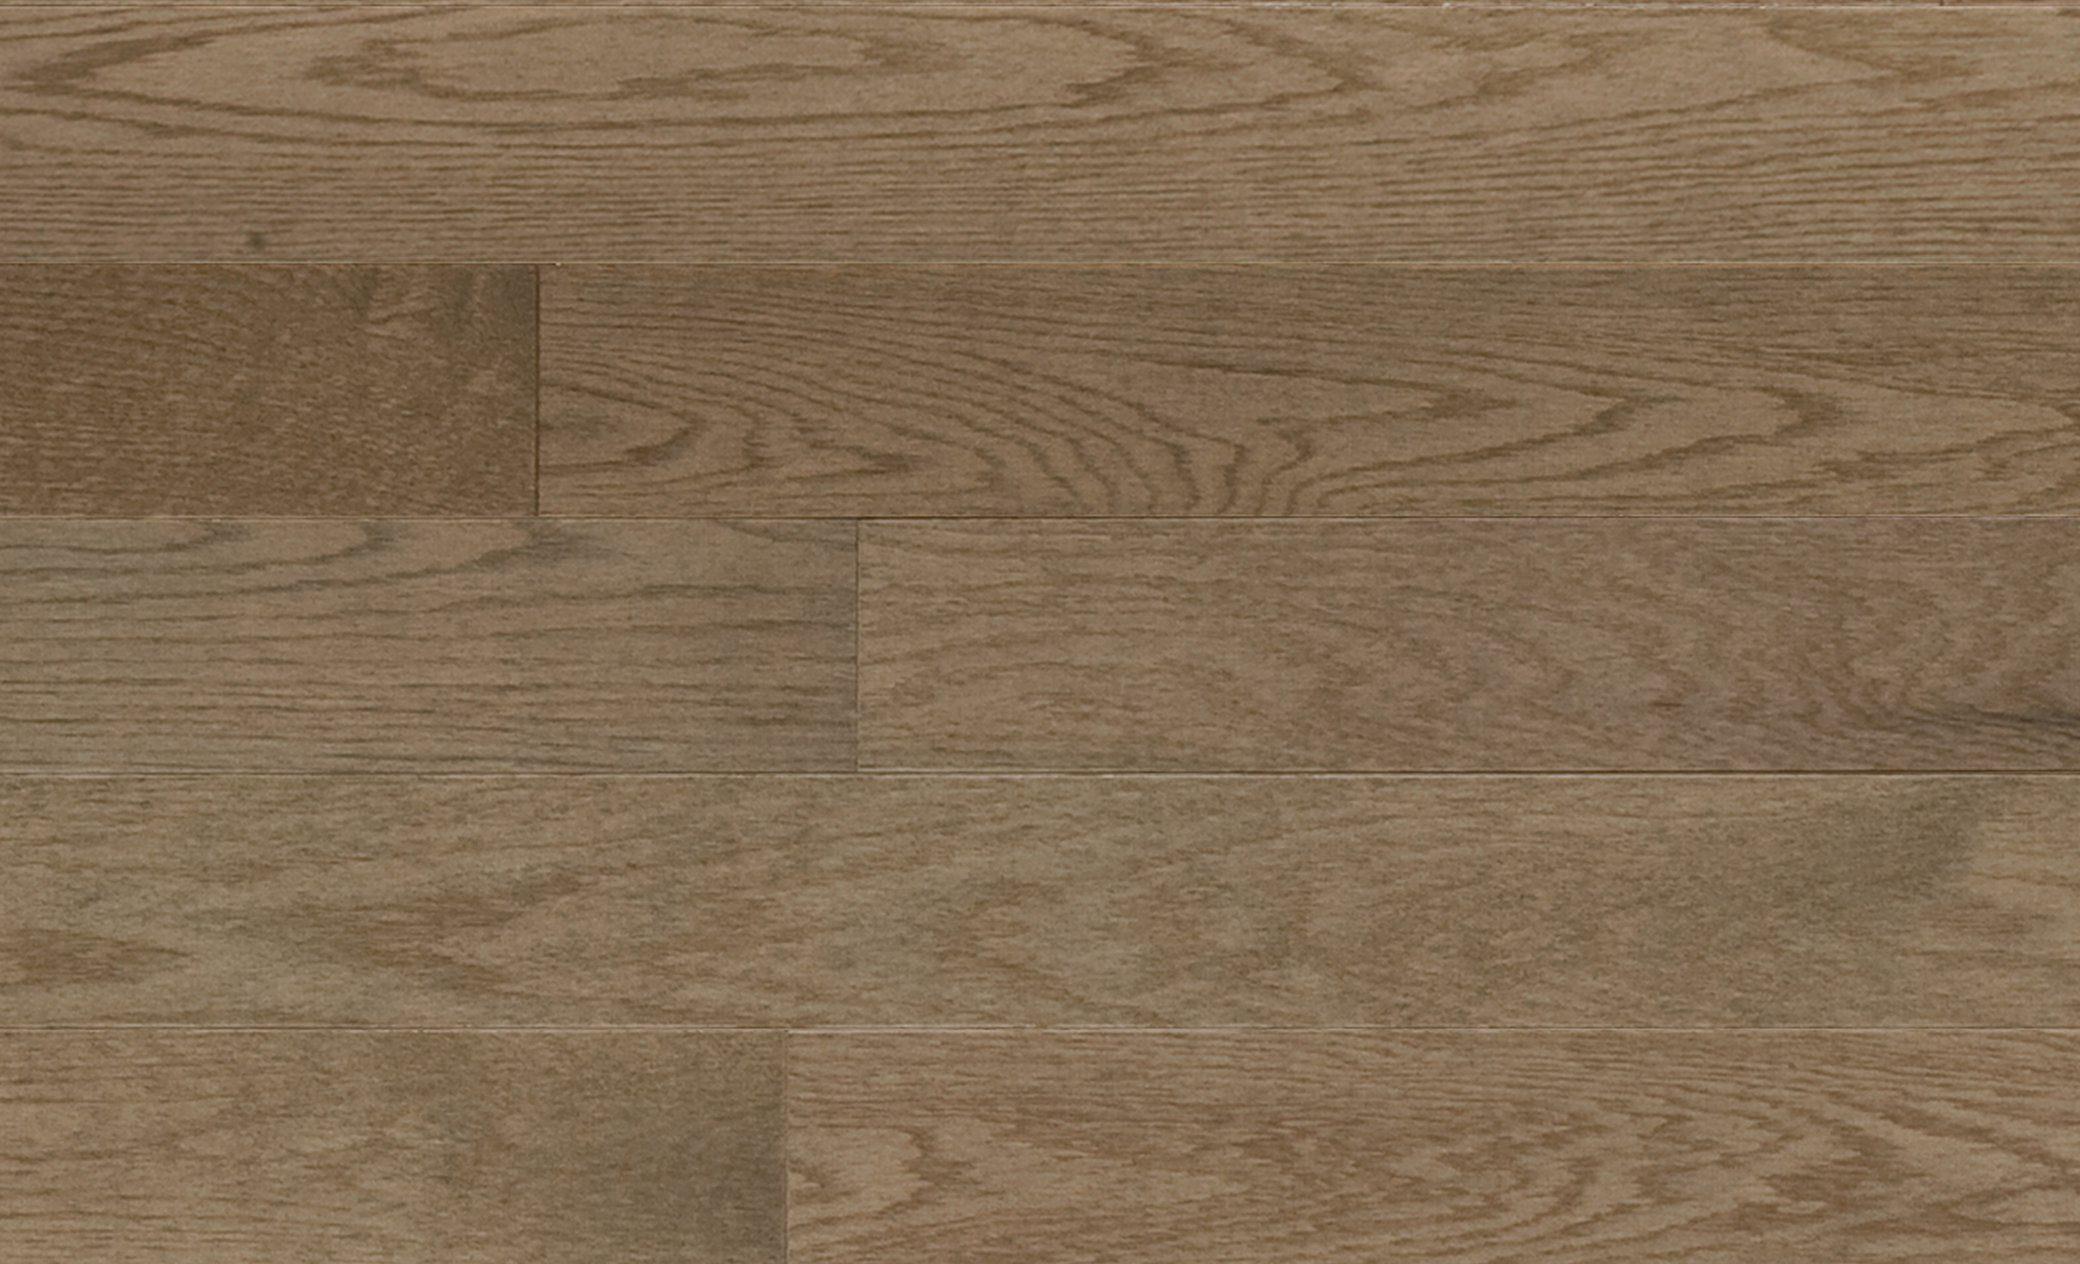 Mercier Red Oak Shadow Solid Width: 2 1/4